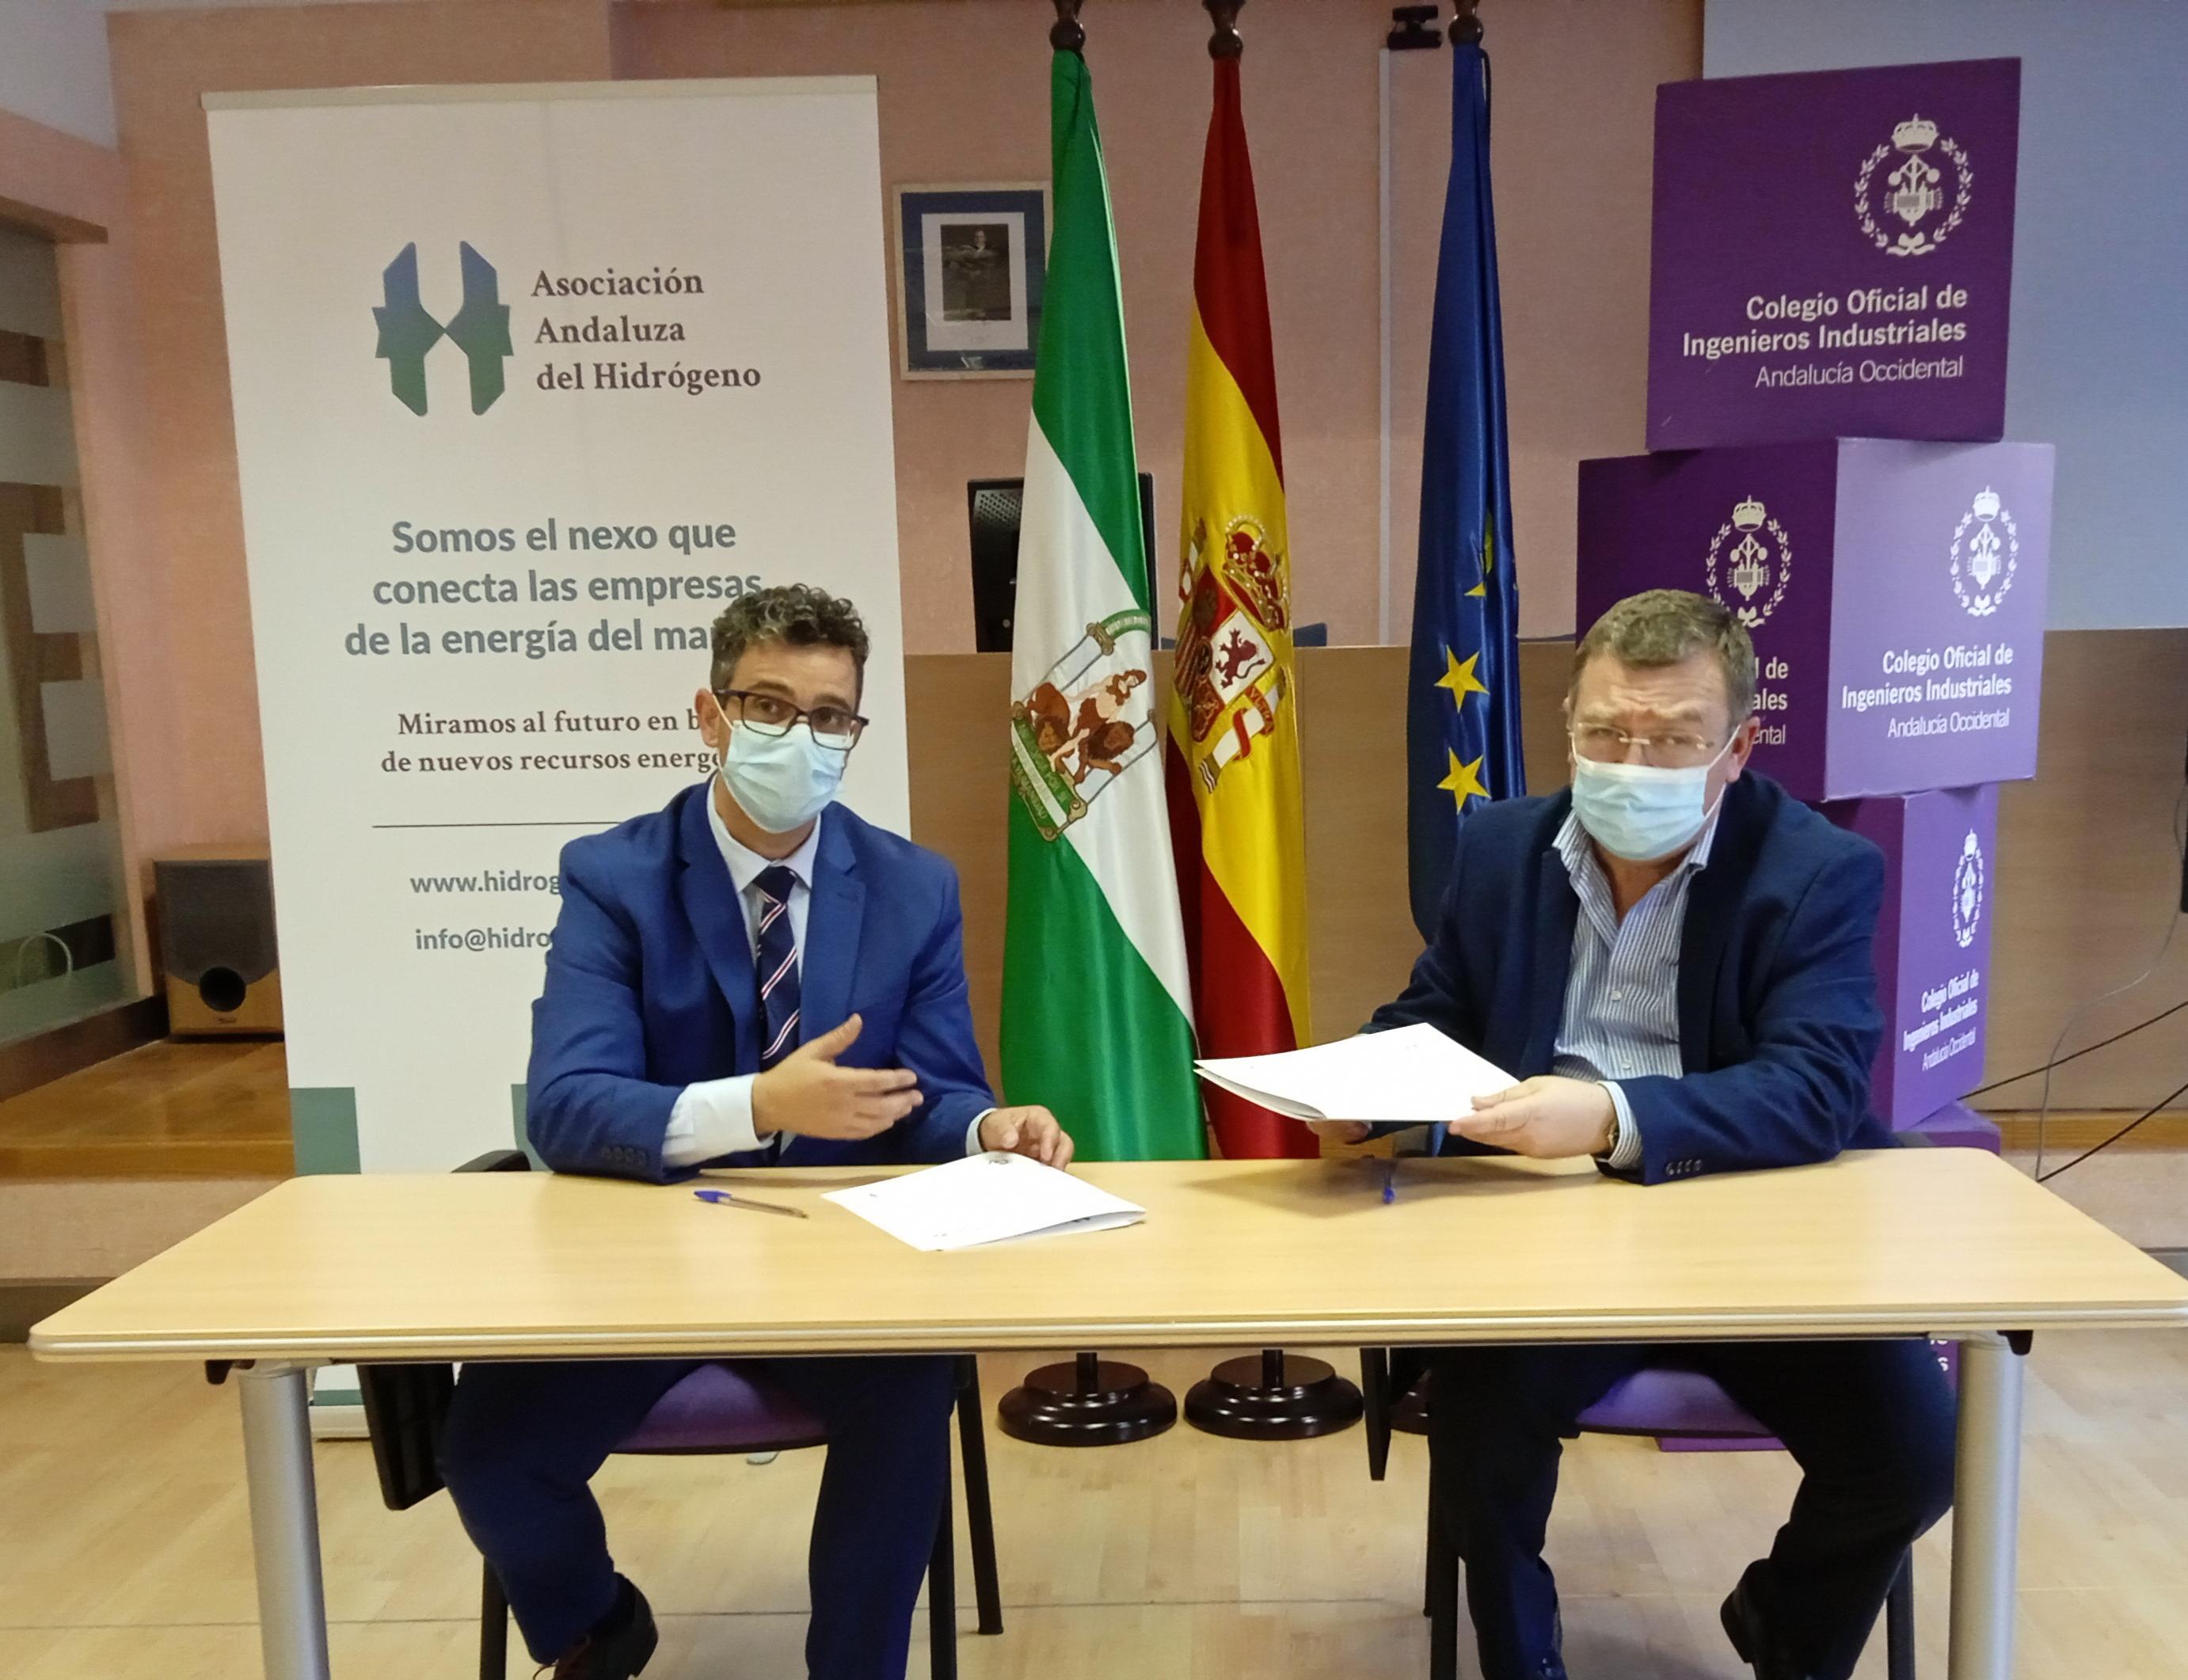 Nuestro Colegio y la Asociación Andaluza del Hidrógeno firman acuerdo de colaboración